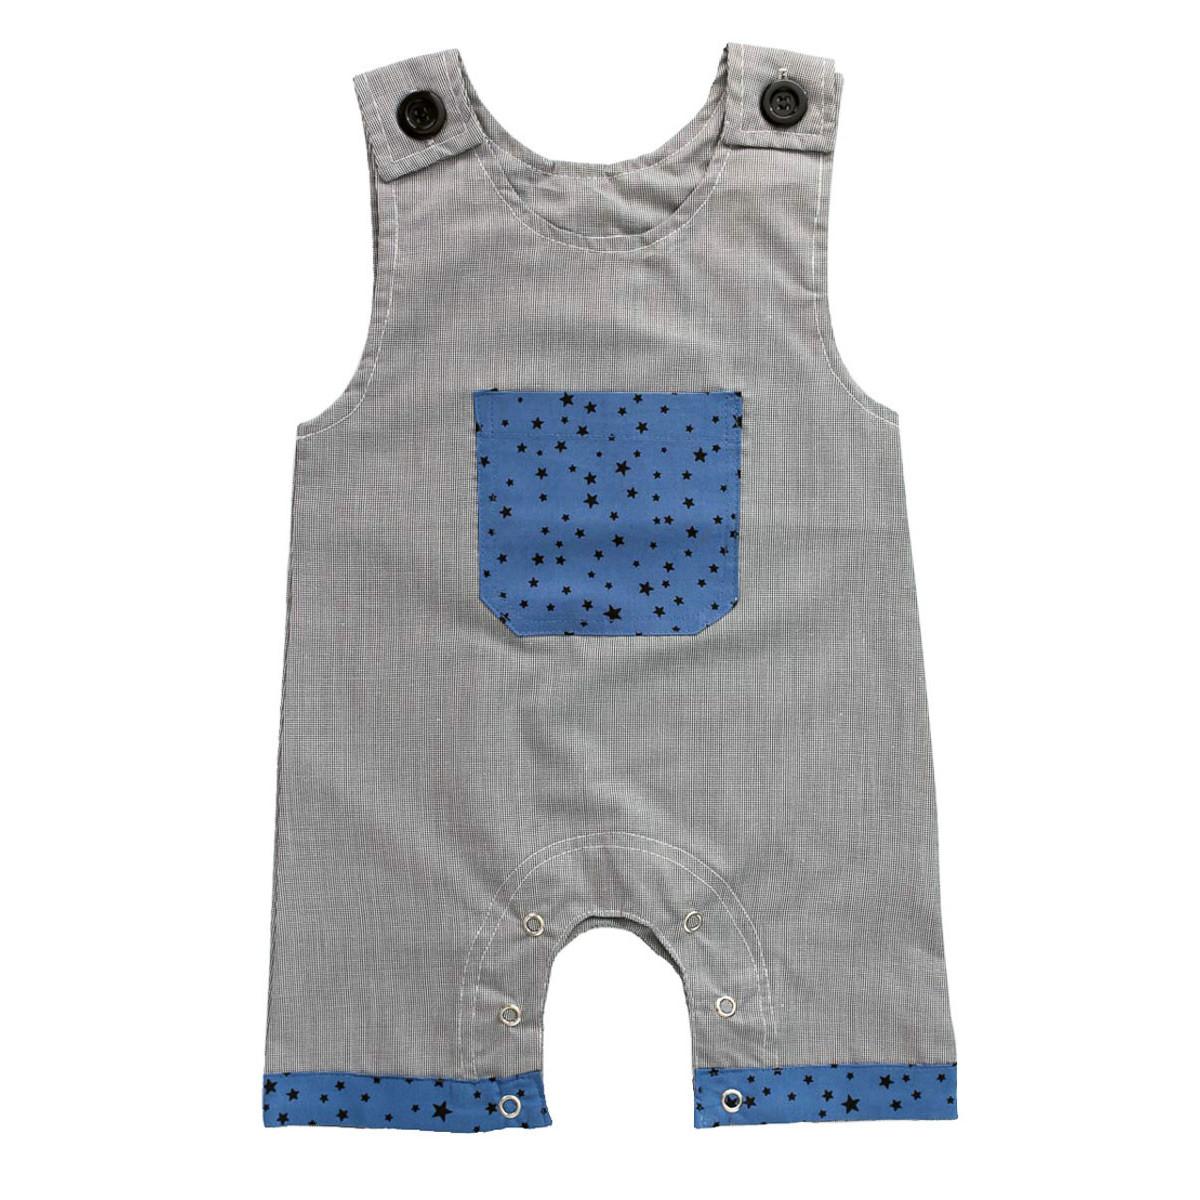 Barboteuse salopette coton bébé 0-18 mois gris et bleu avec étoiles